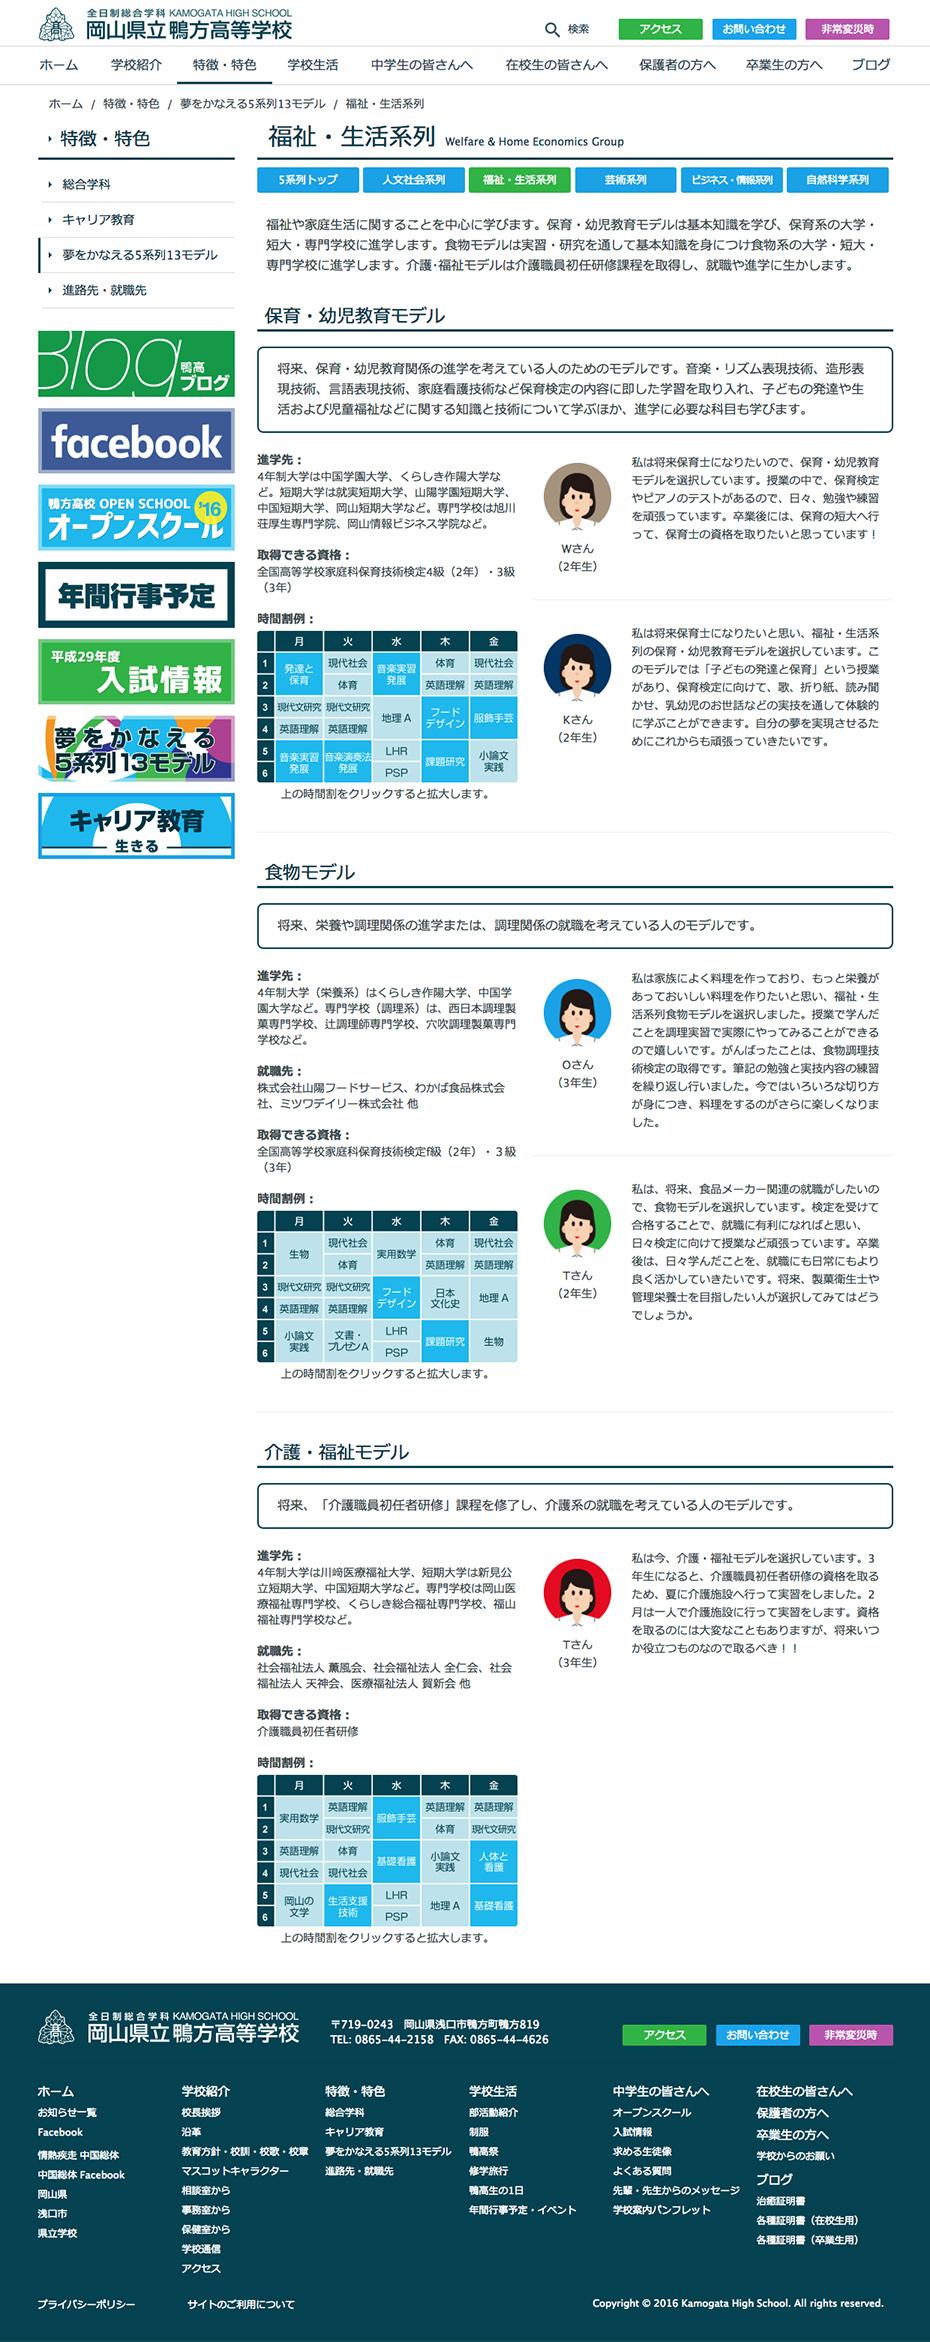 岡山県立鴨方高等学校様 ホームページ 福祉・生活系列